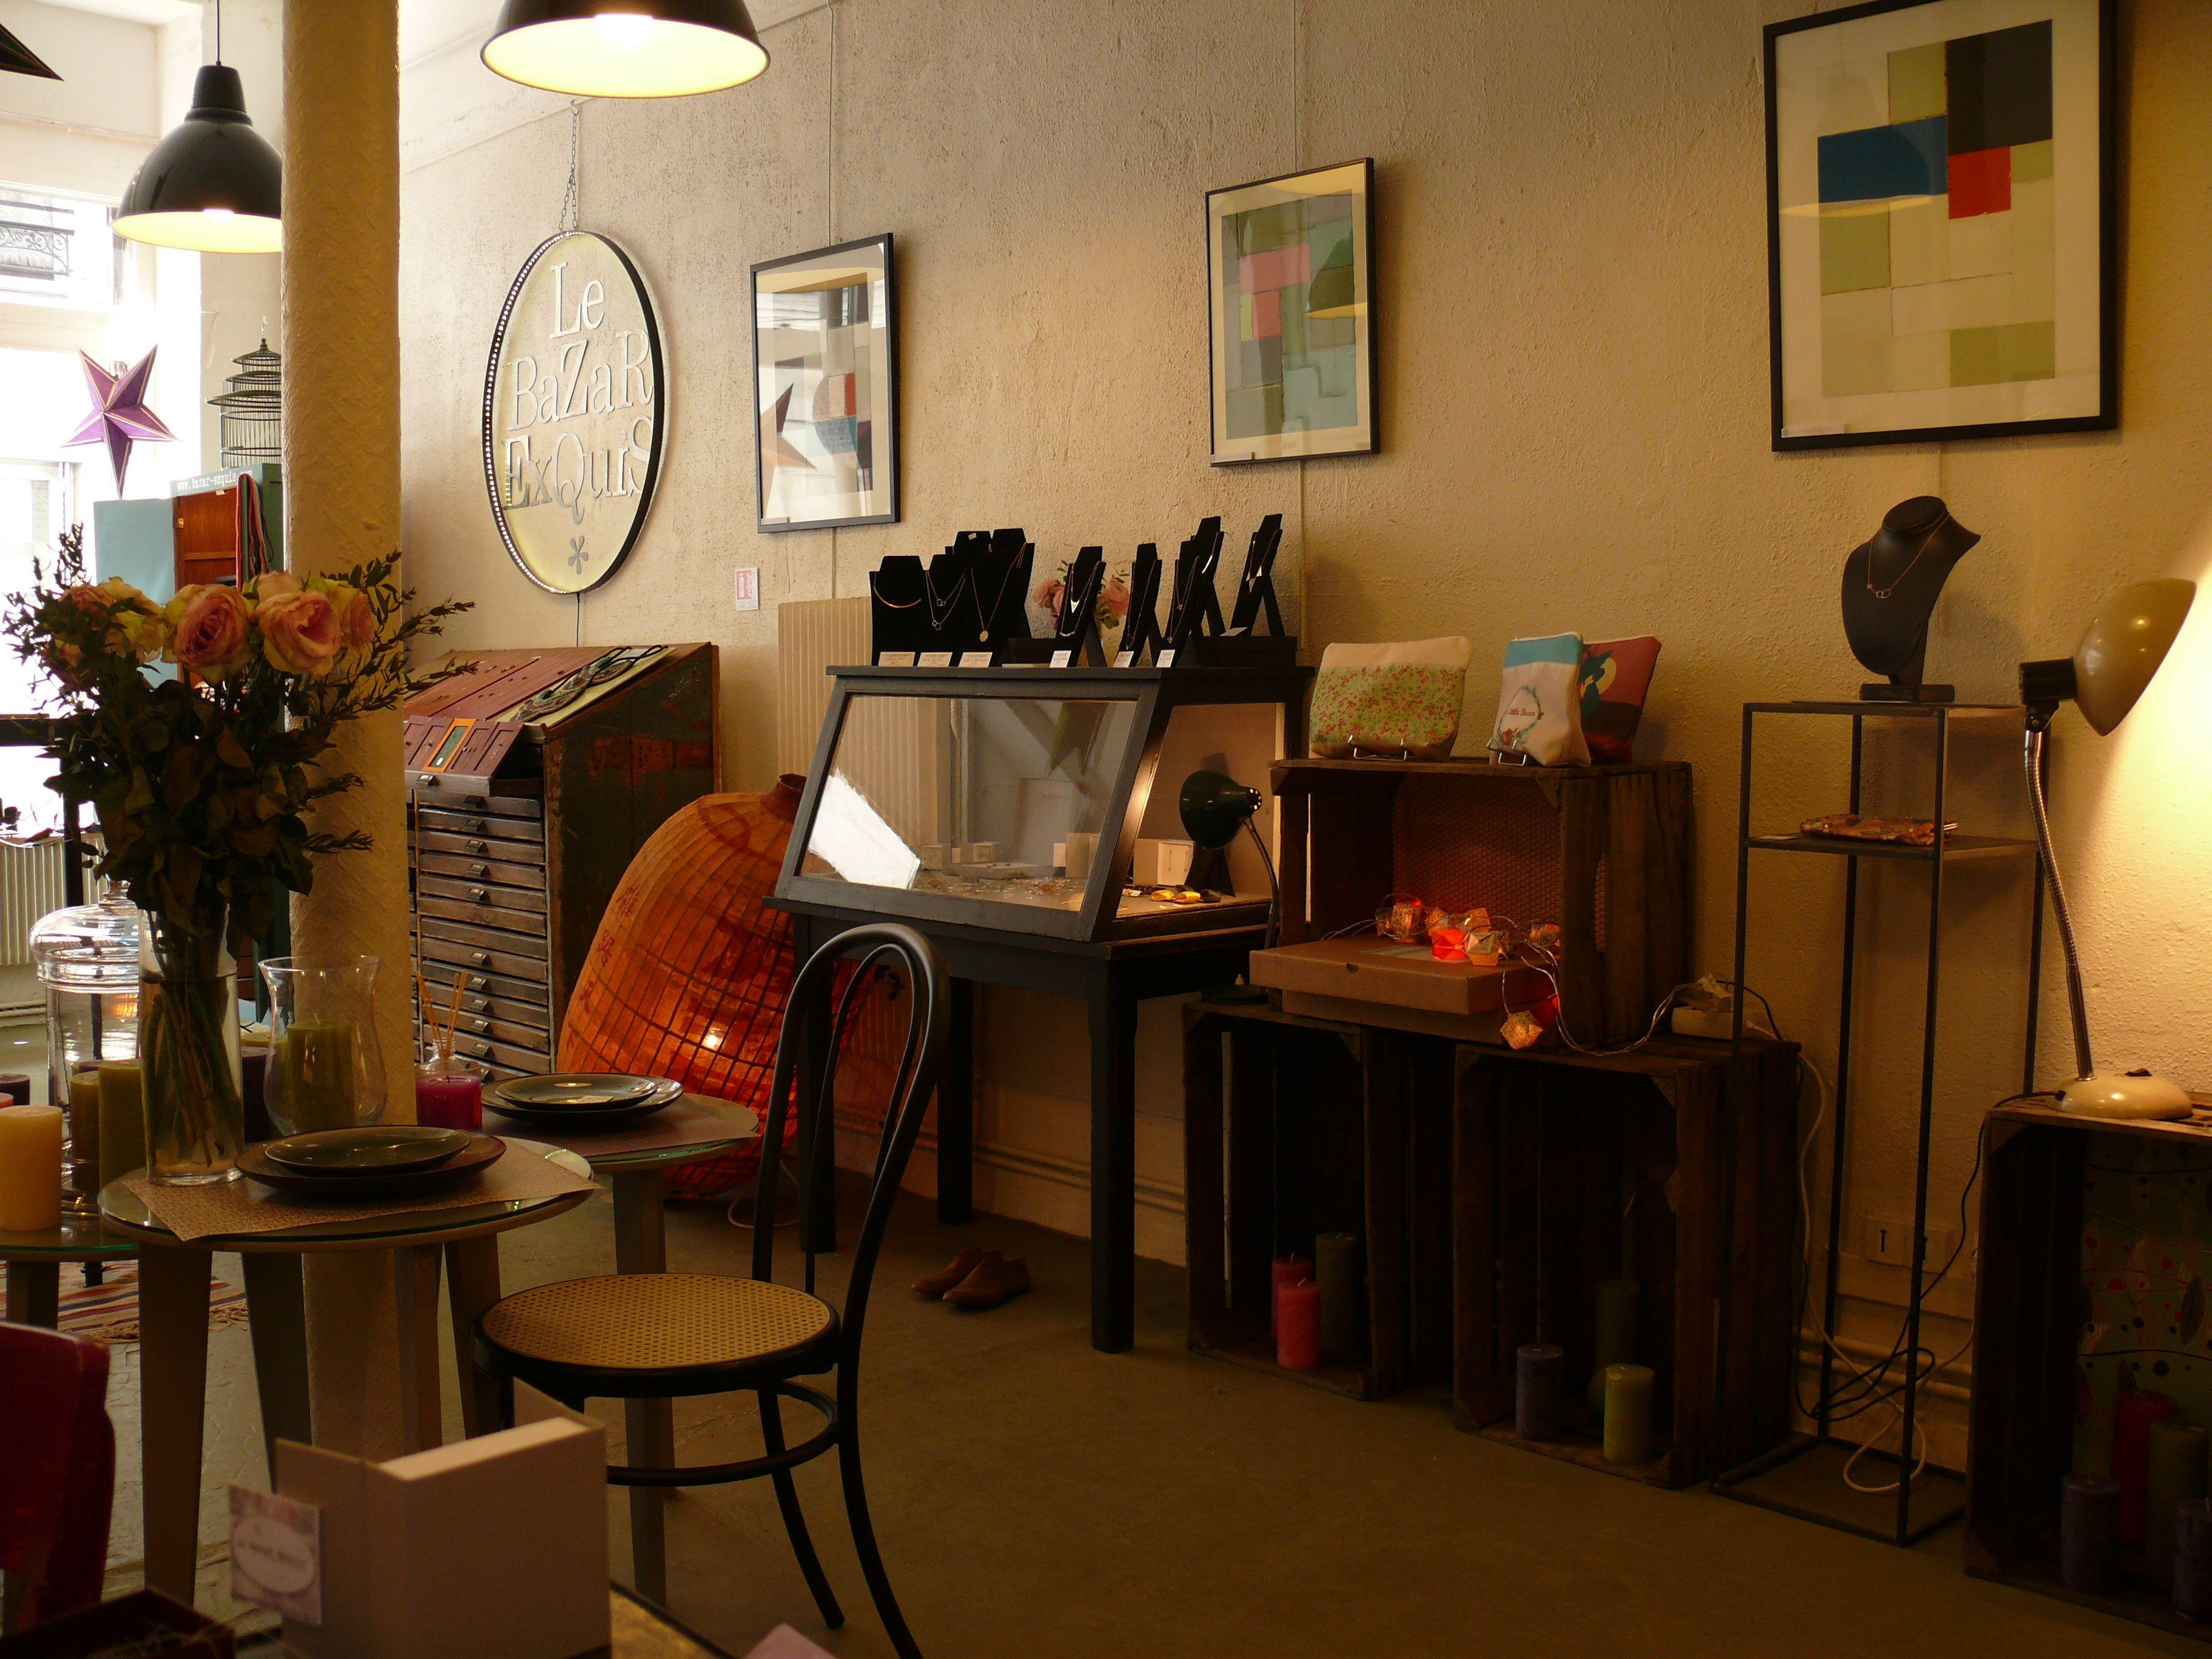 Decouvrez L Atmosphere De La Boutique Des Batignolles Le Bazar Exquis 22 Rue Lemercier 75017 Paris Www Bazar Exquis Com 75017 Paris Boutique Bazar